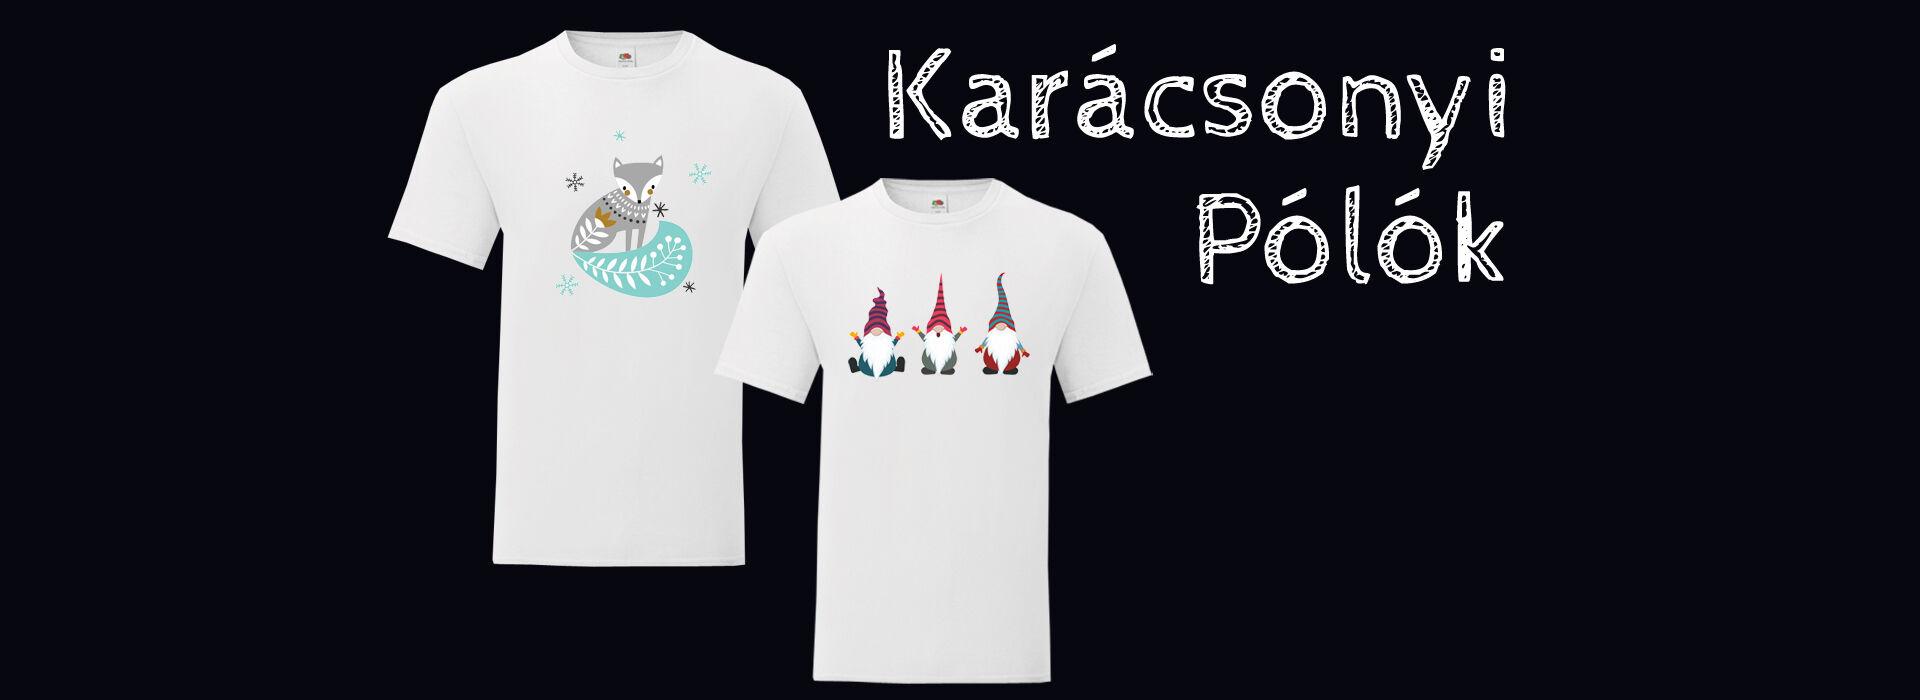 karacsonyi polo